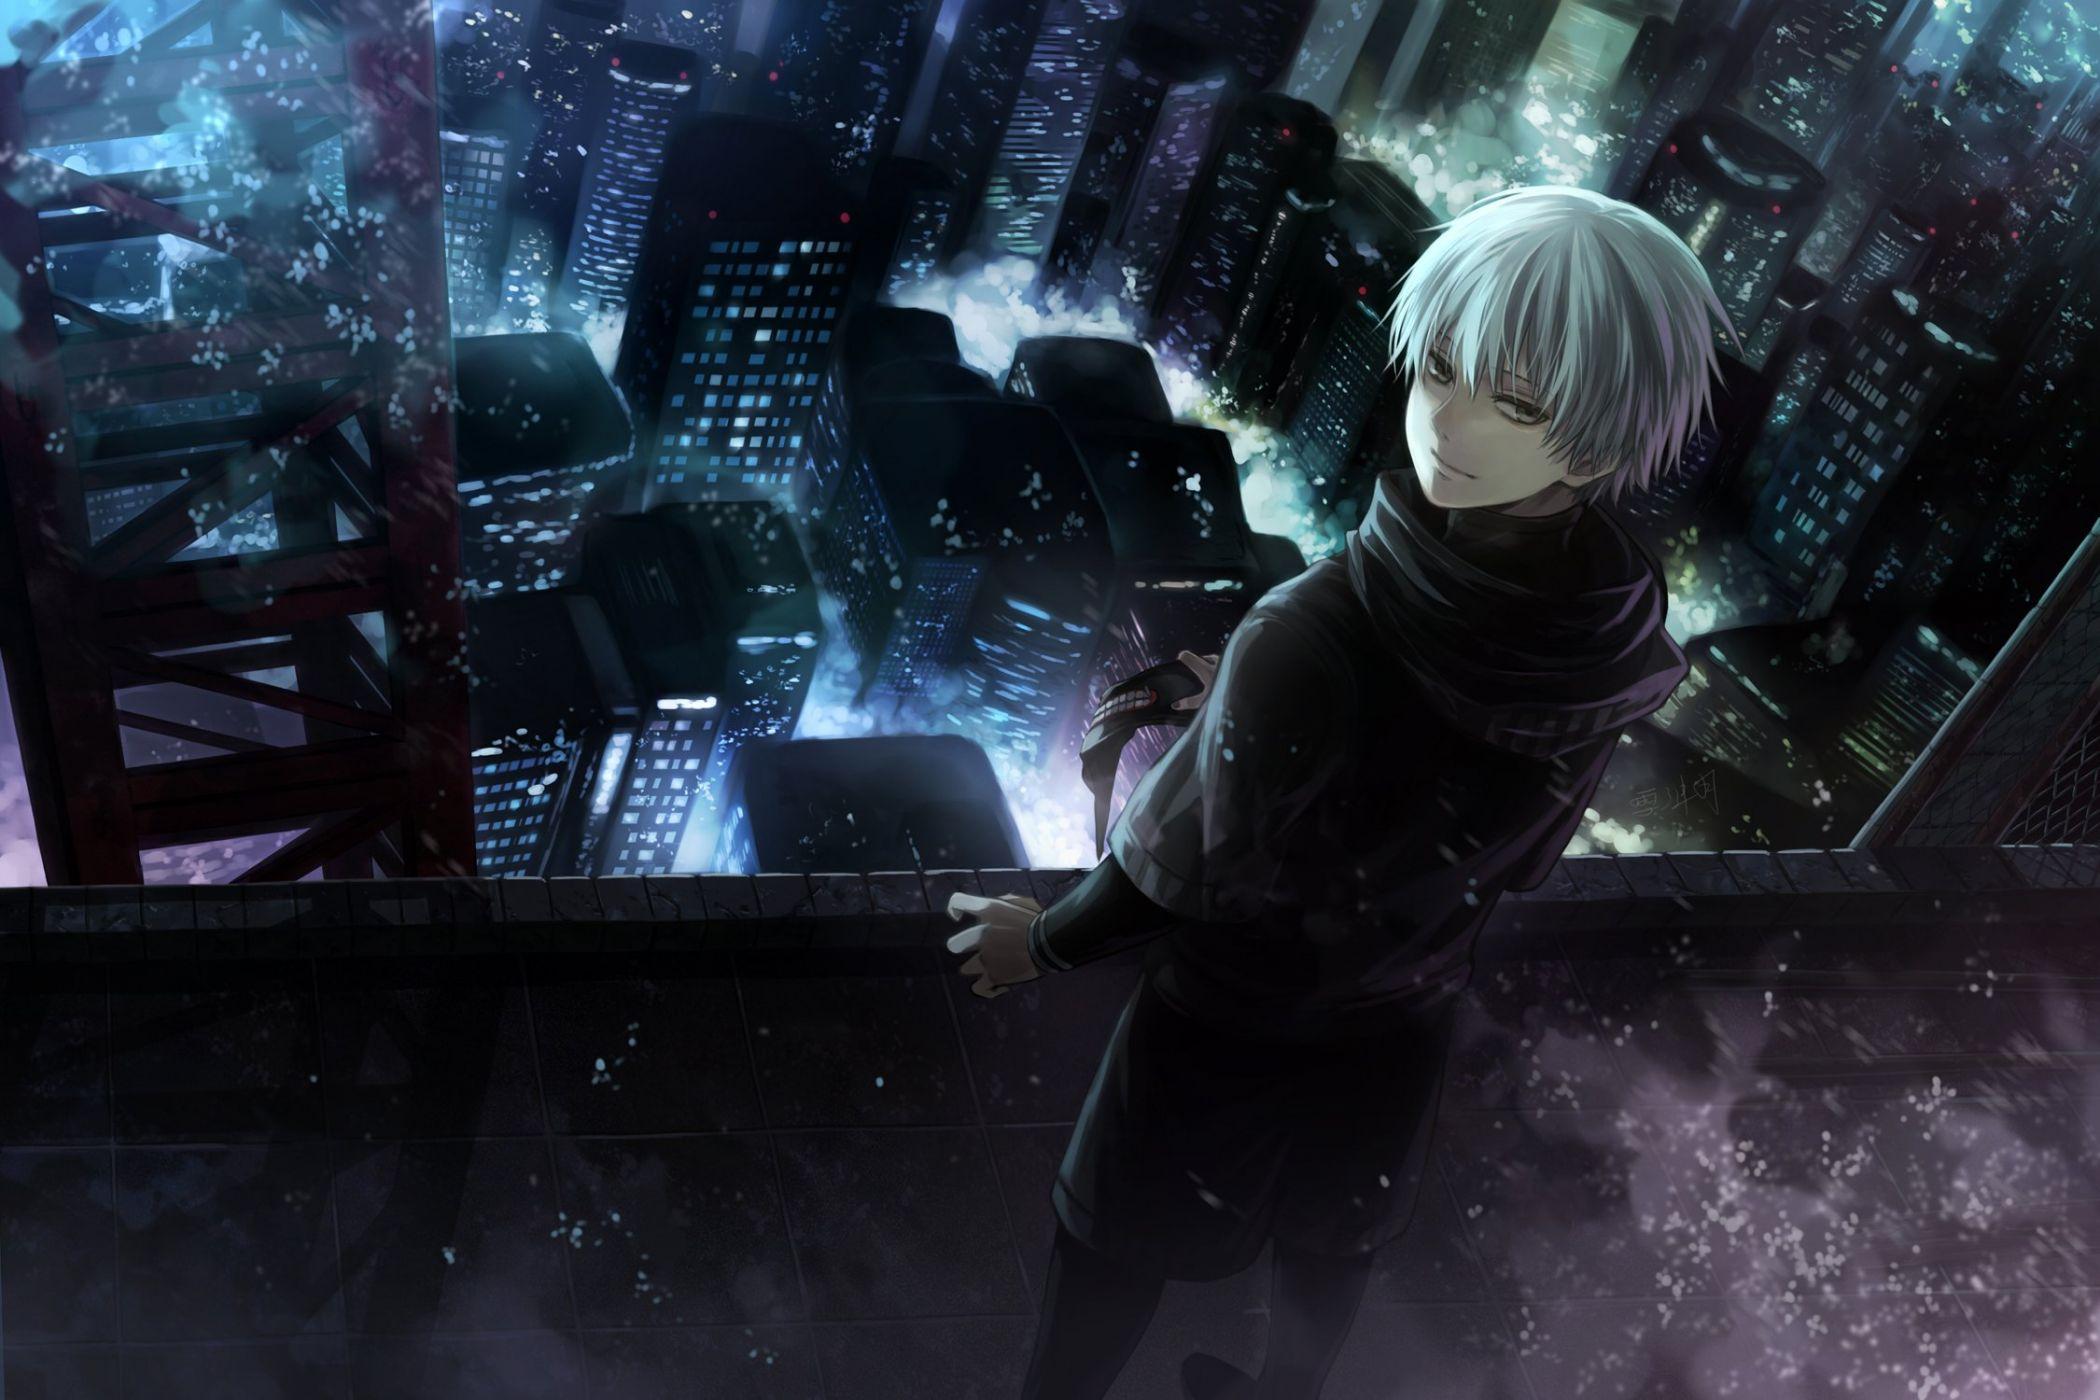 Hình nền anime cho pc đẹp